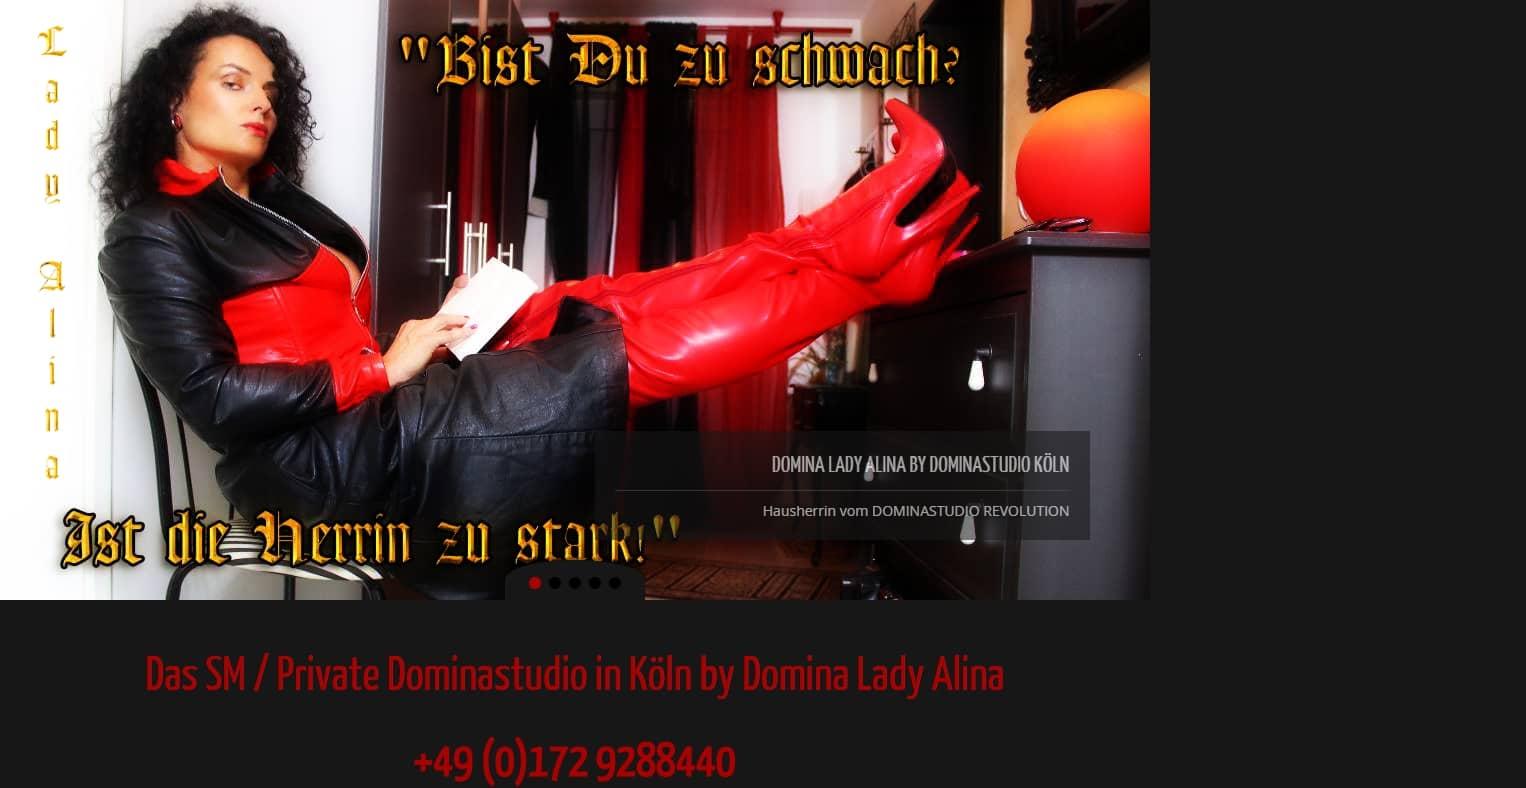 Herrin Lady Alina – Domina Dominastudio Köln Cologne Dominanz SM und BDSM. Die härteste Versuchung, seit es Dominastudio in Köln gibt.